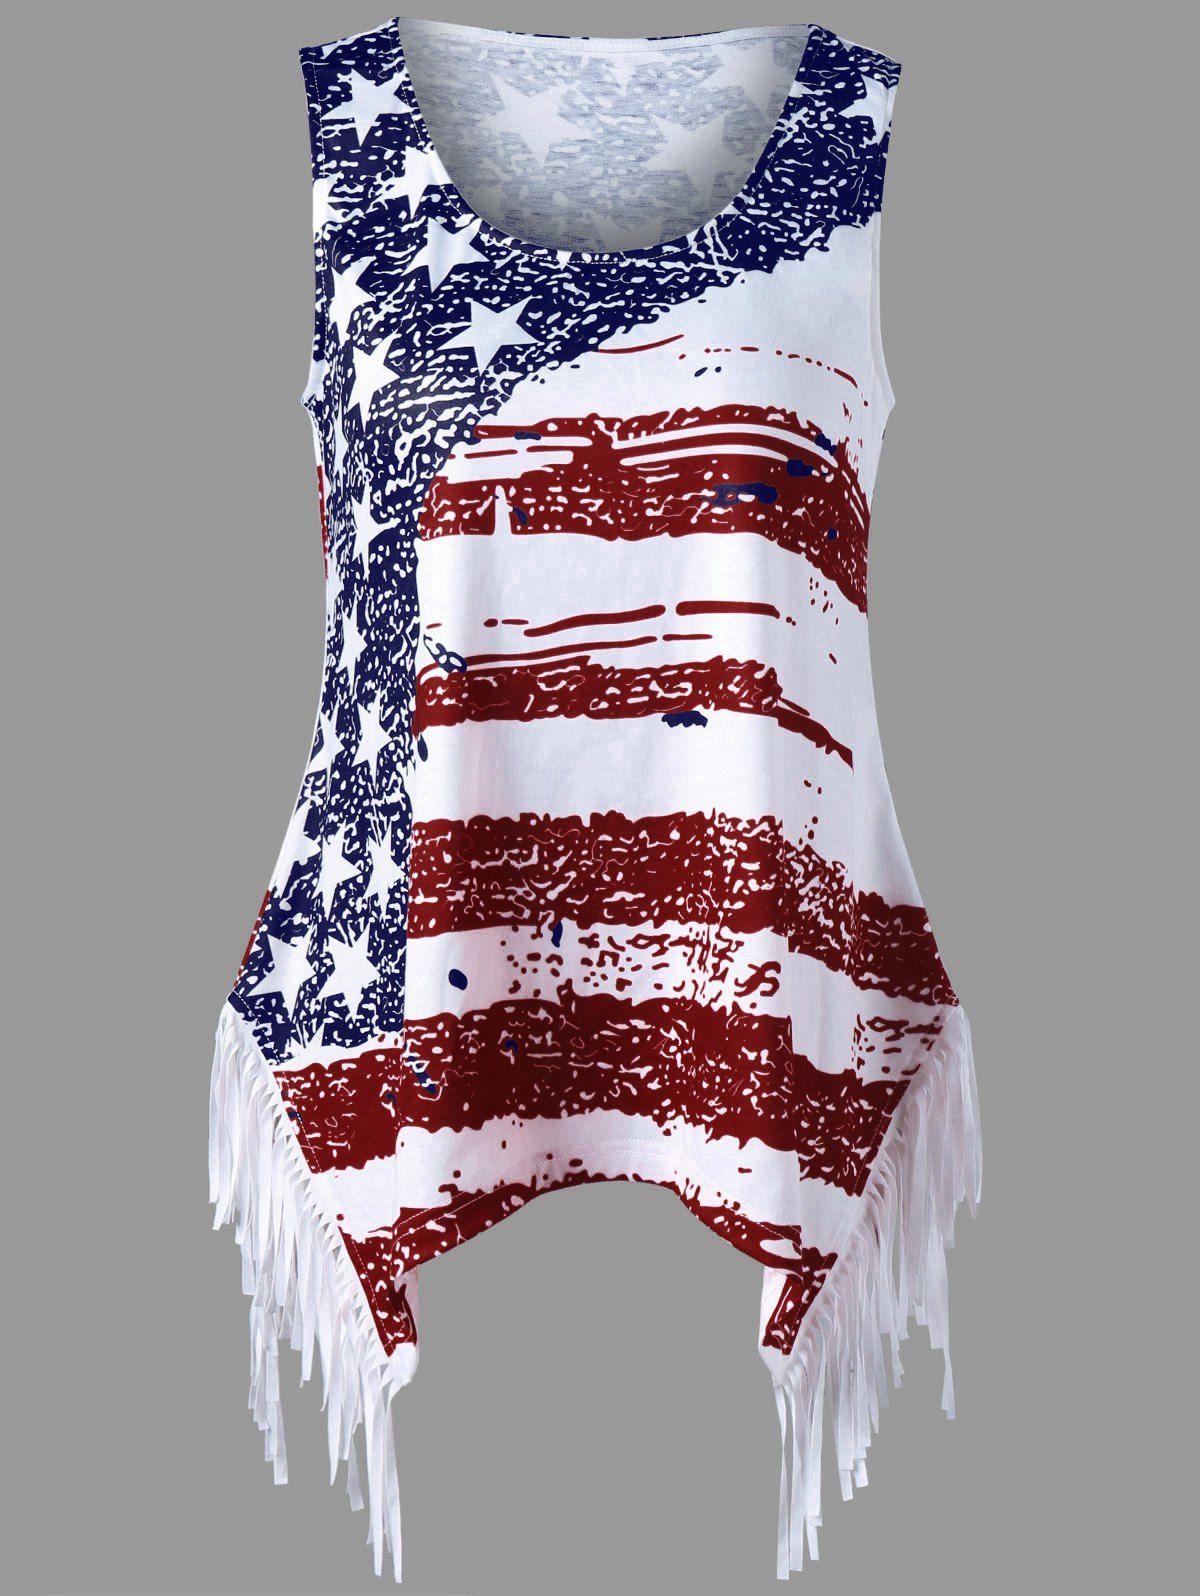 American Flag Print Tank Top Plus Size Plus Size For Women Plus Size Fashion Plus Size Brand Plus Size Tops Plus Si Clothes Clothes For Women Printed Tank Tops